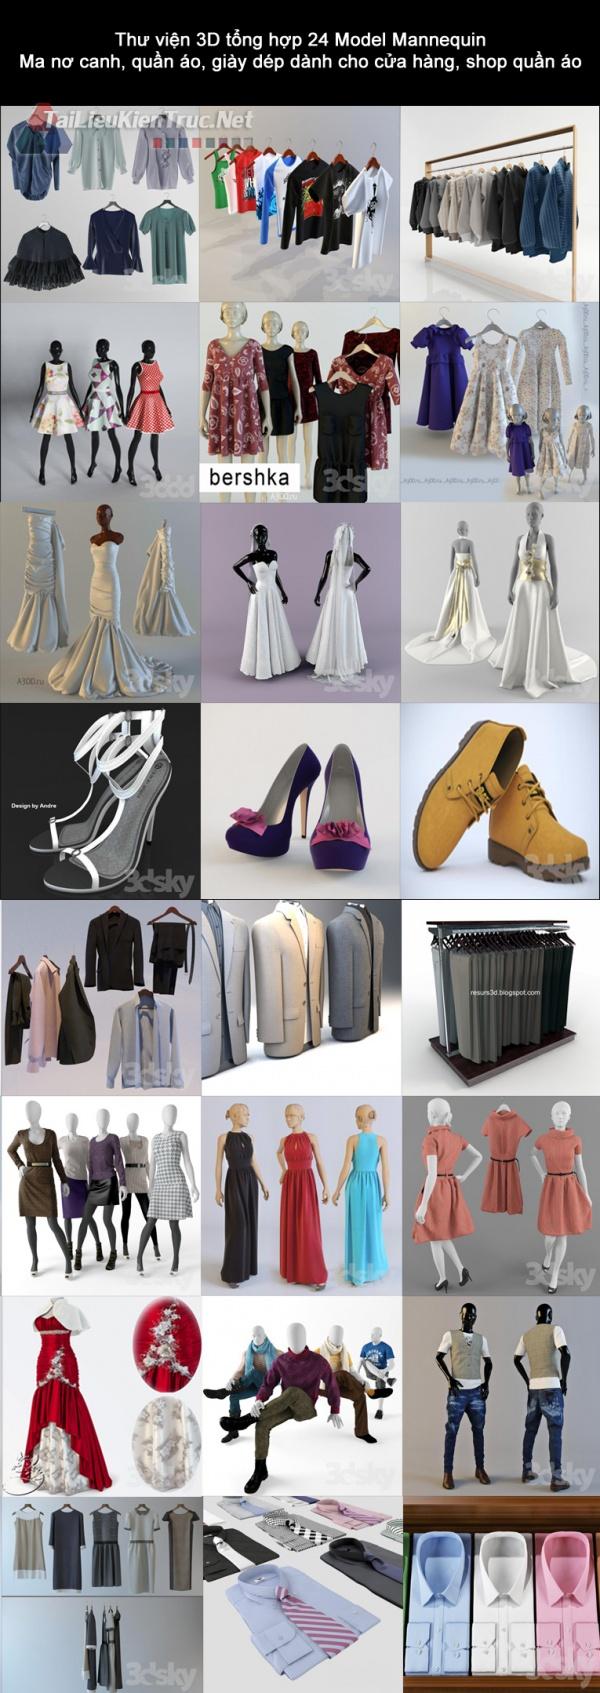 Thư viện 3D tổng hợp 20 Model Mannequin Ma nơ canh, quần áo, giày dép dành cho cửa hàng, shop quần áo